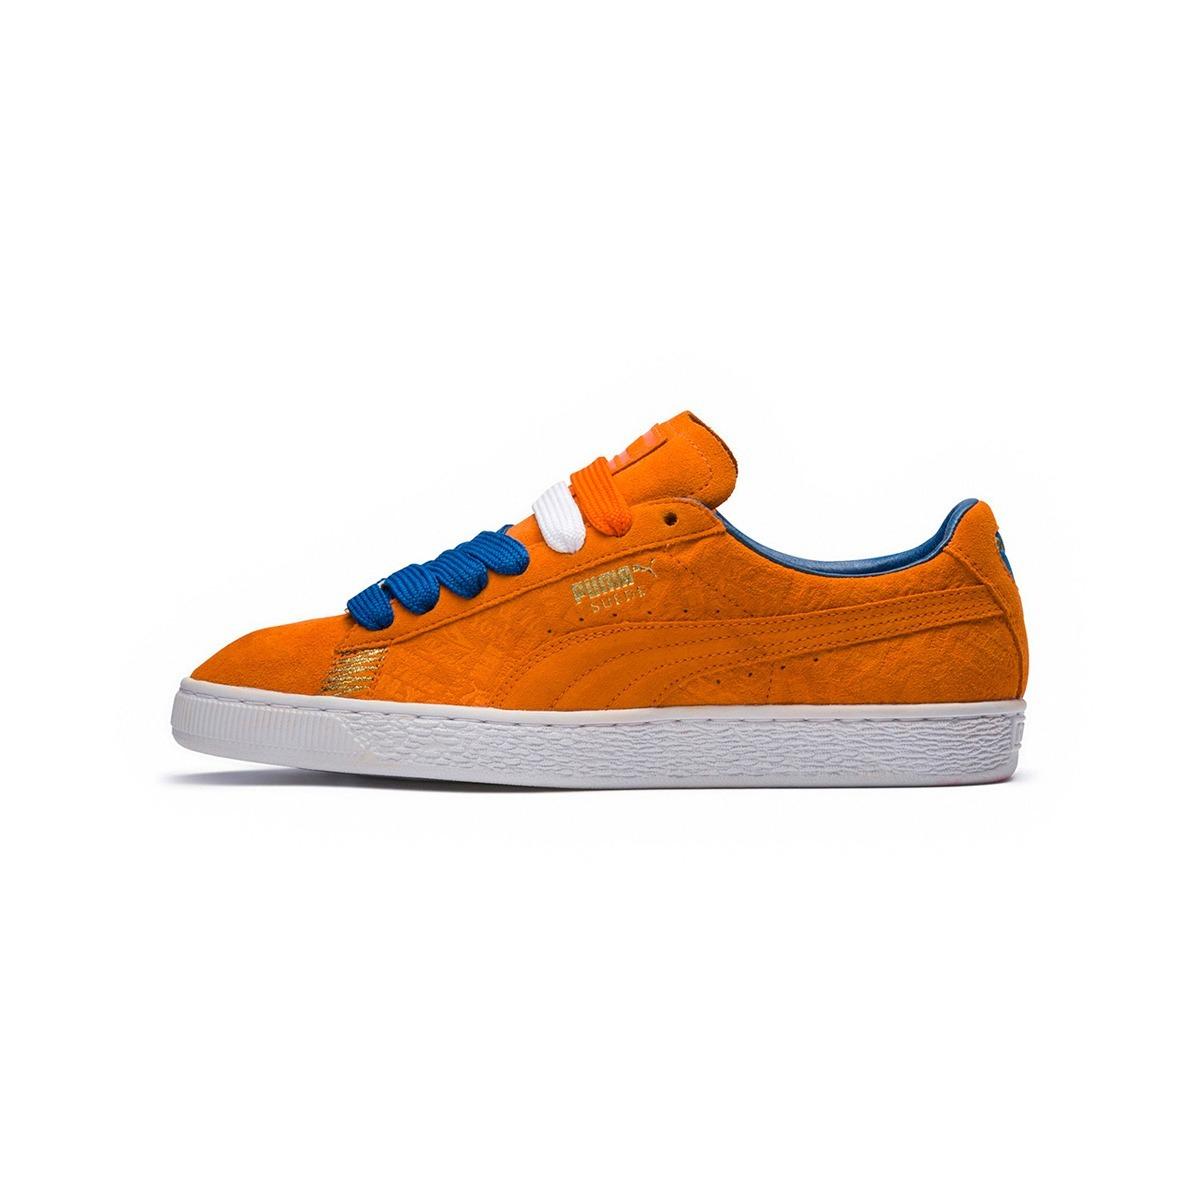 fc5c0eba5c tênis puma suede classic nyc laranja edição limitada 50anos. Carregando zoom .